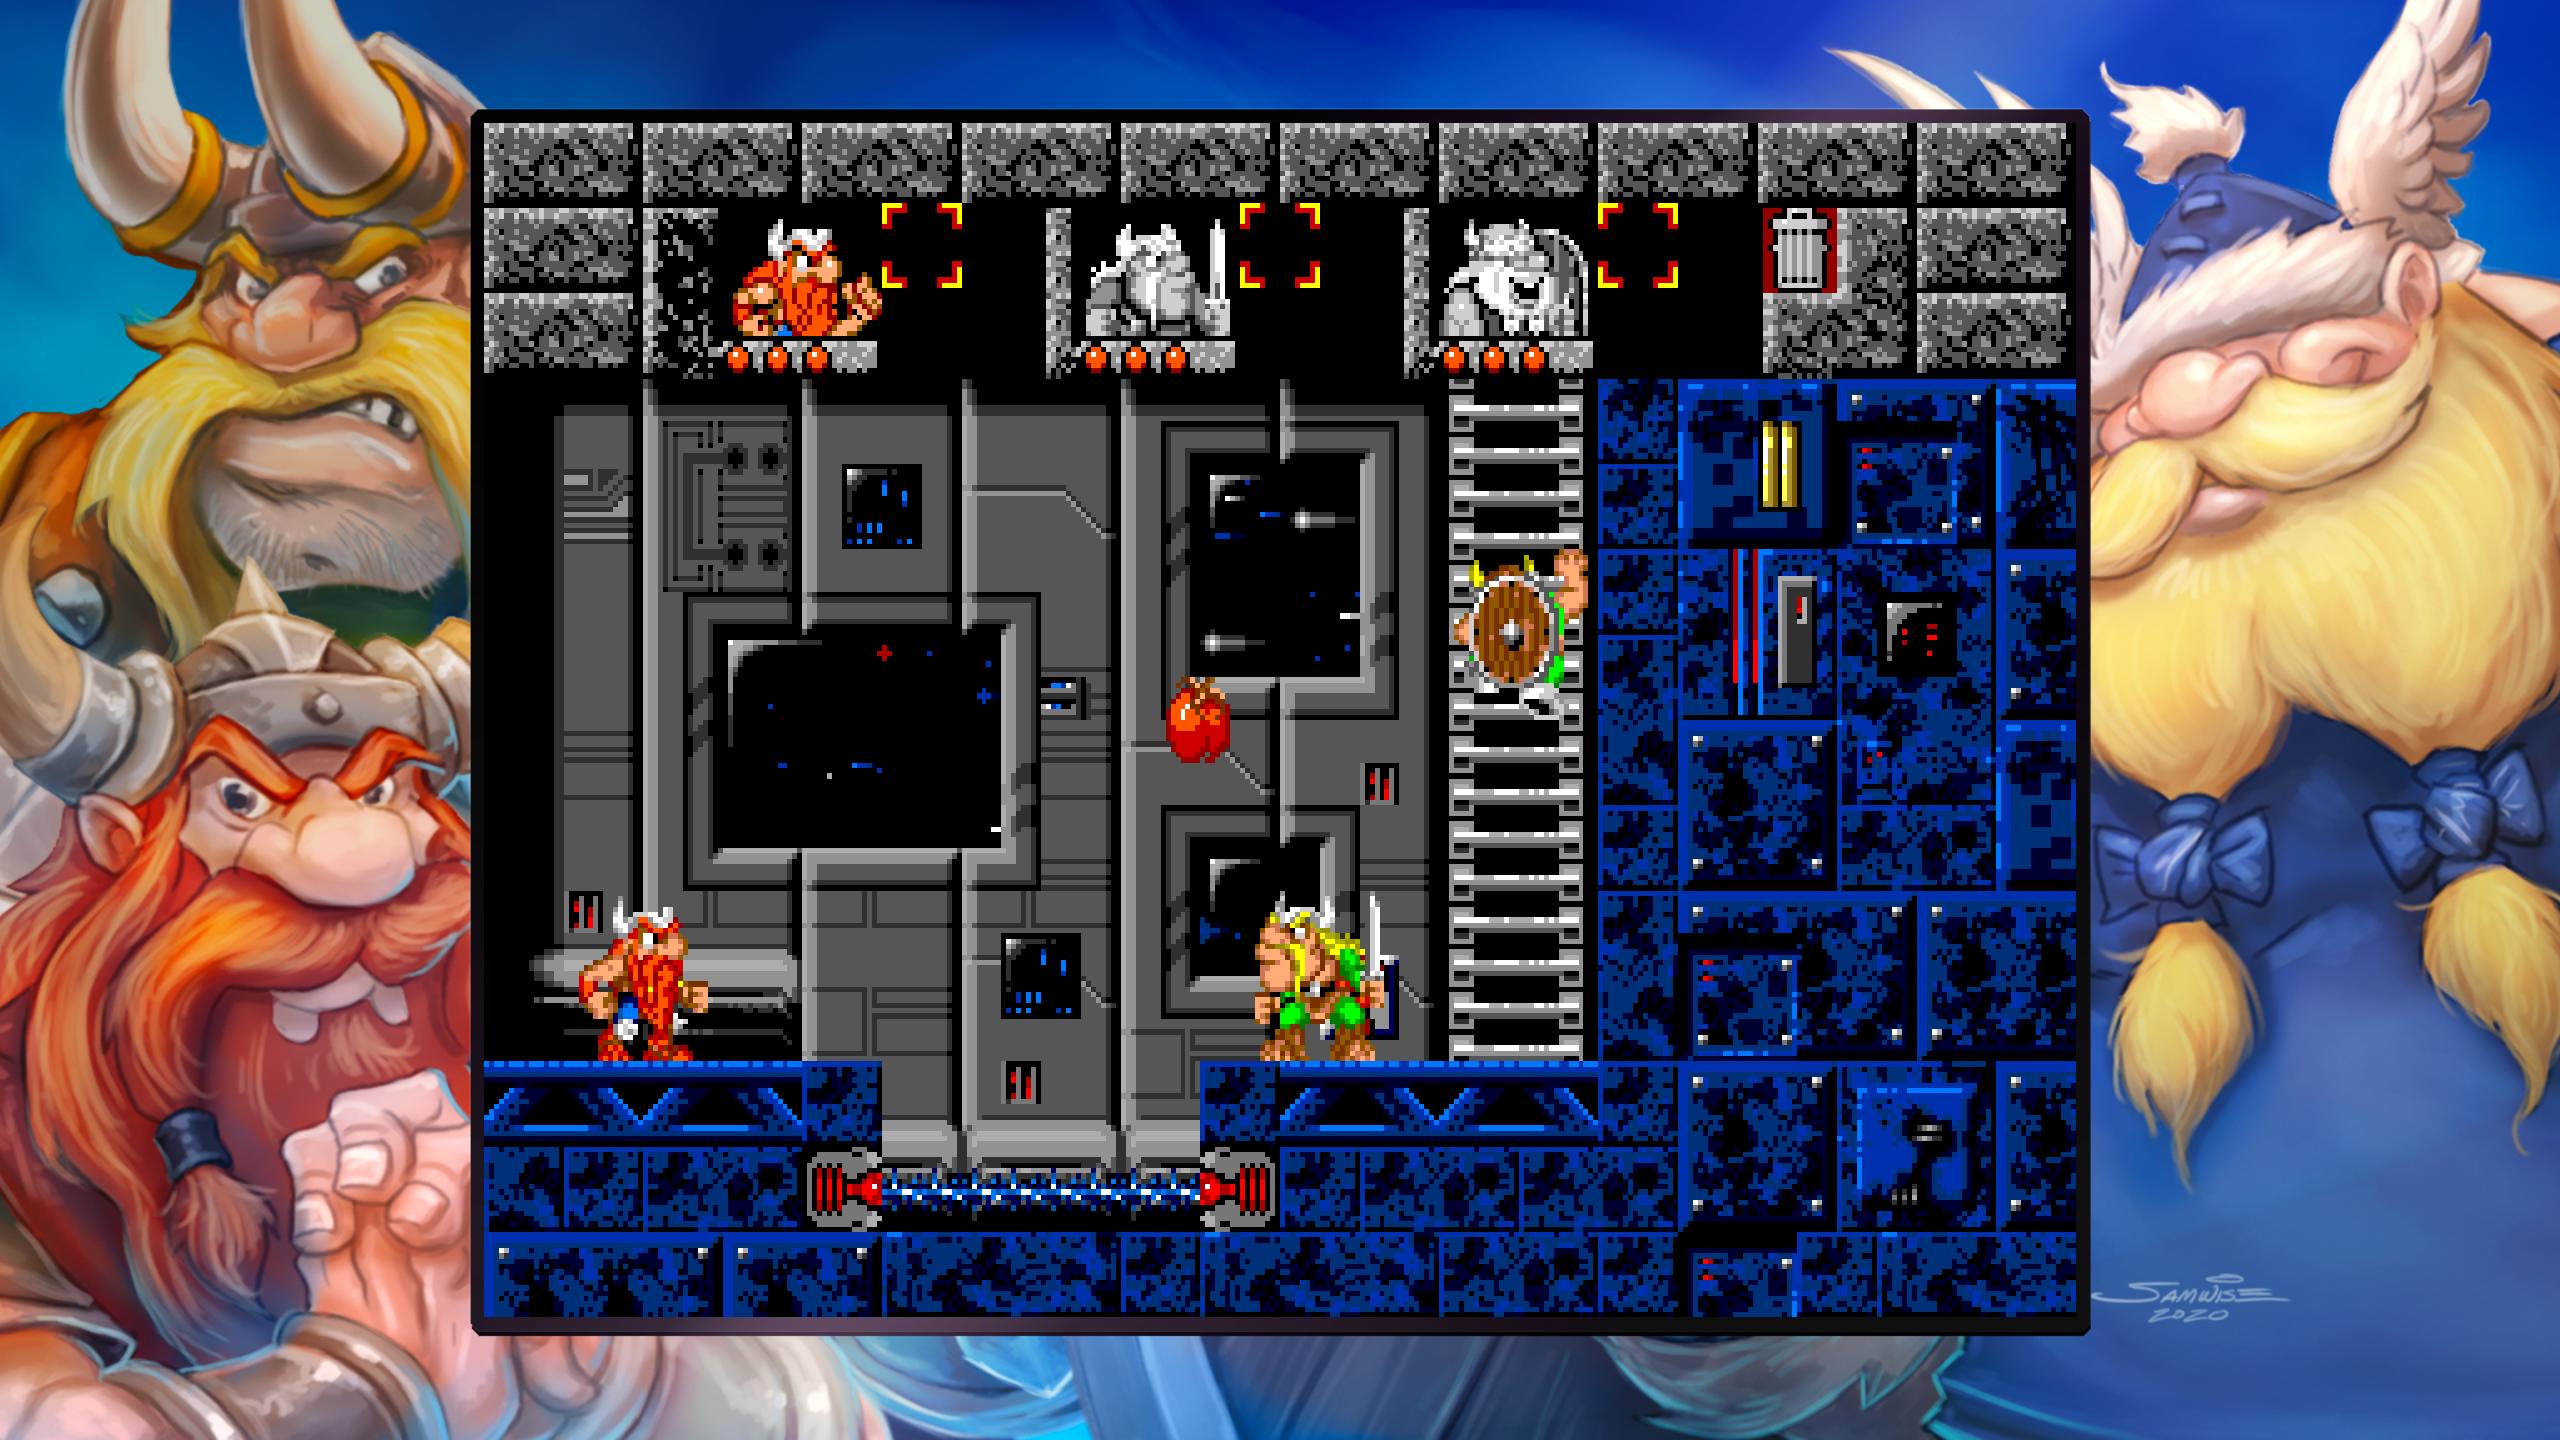 Trojica nezvyčajných hrdinov snažiacich sa utiecť z mimozemskej vesmírnej lode.